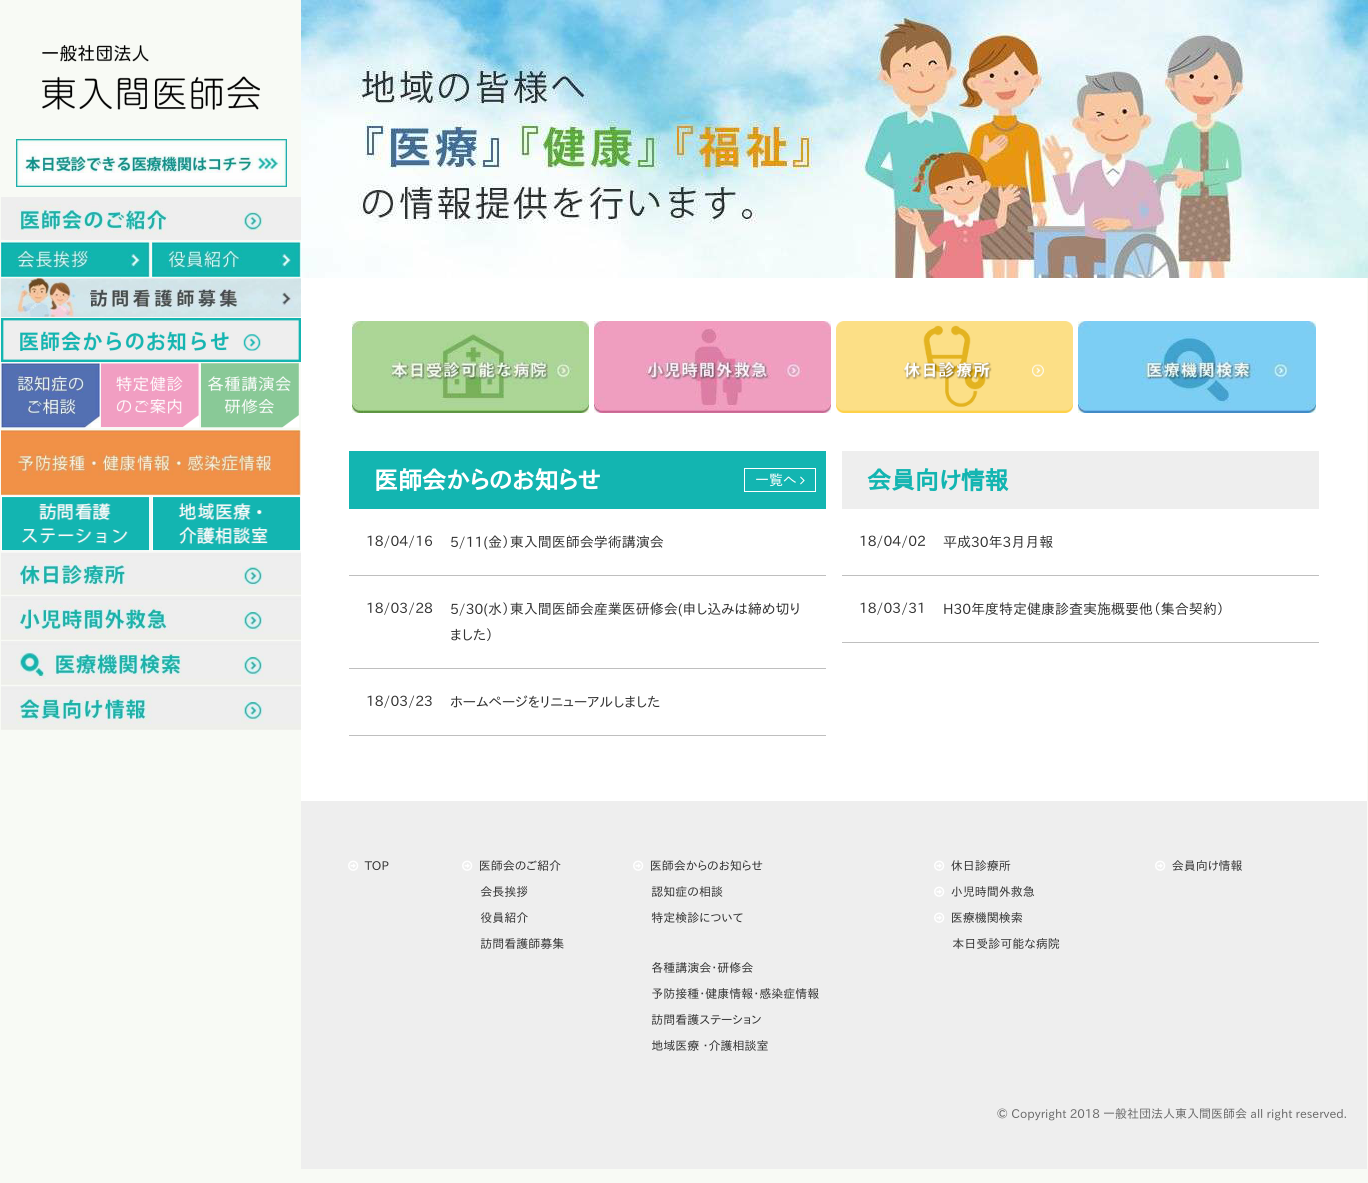 (一社)東入間医師会様ホームページ イー・レンジャー株式会社